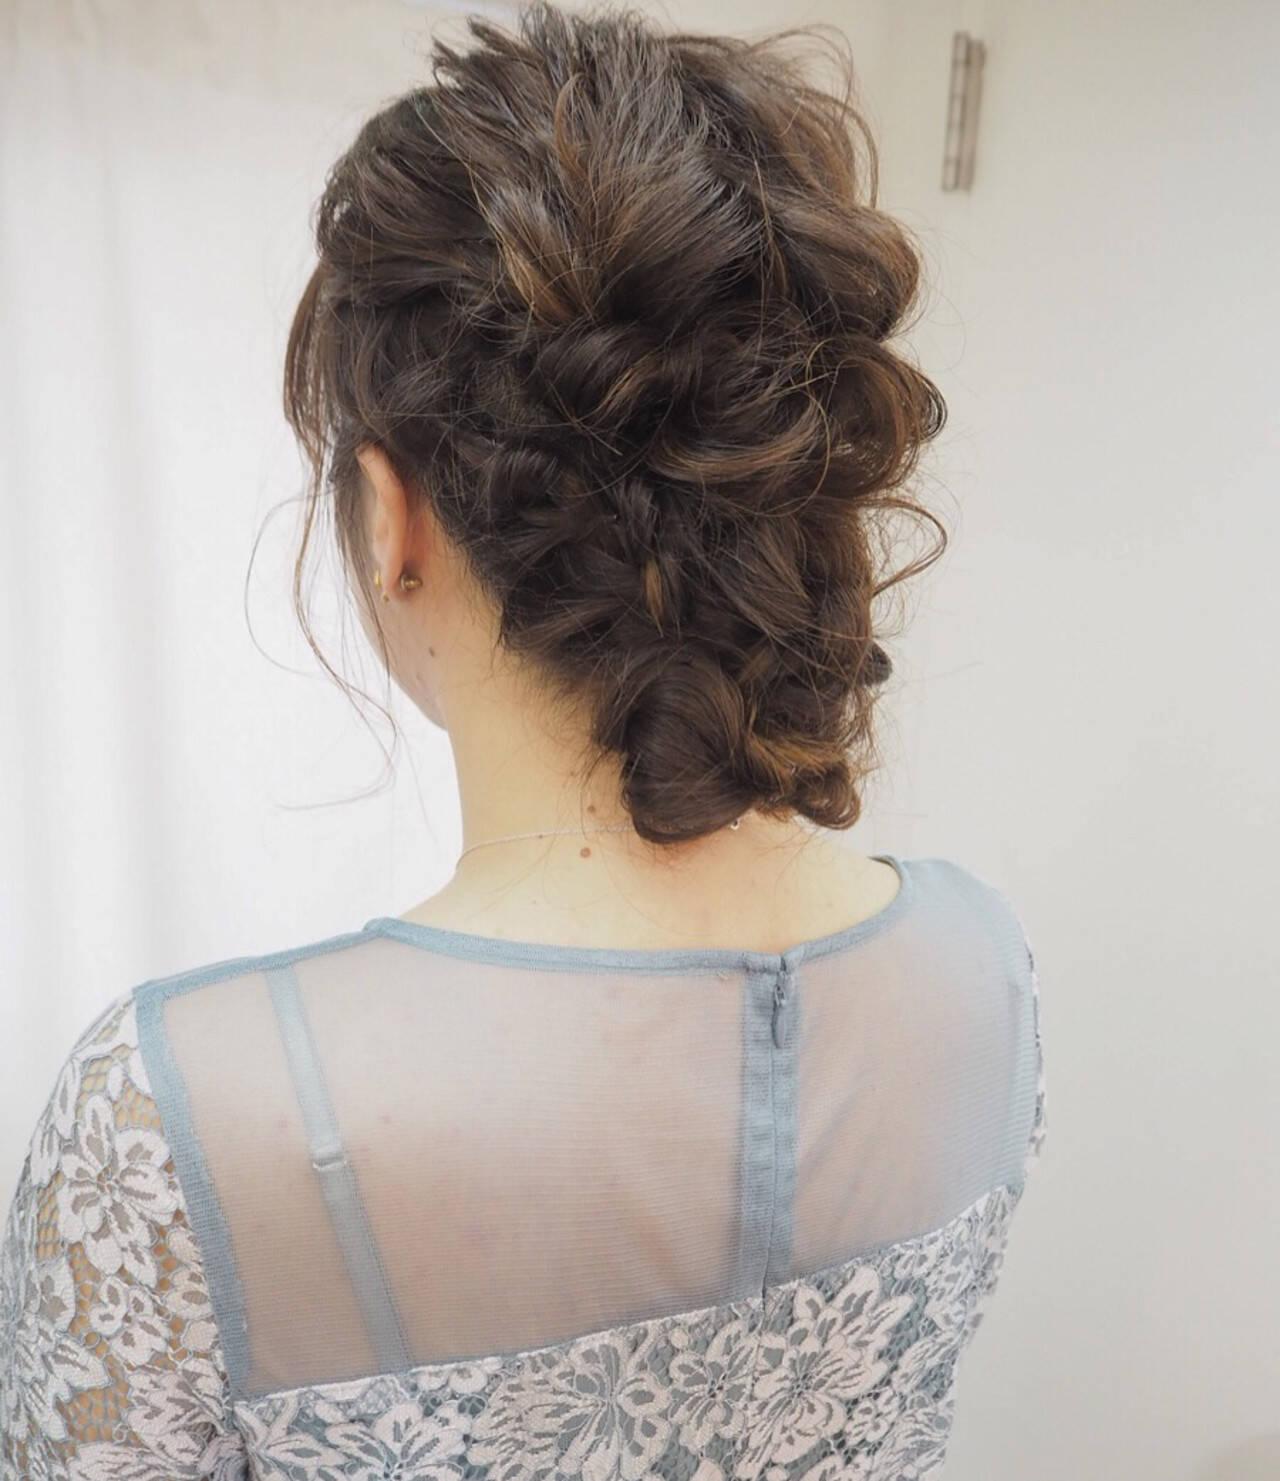 ナチュラル 編み込み ヘアアレンジ 簡単ヘアアレンジヘアスタイルや髪型の写真・画像